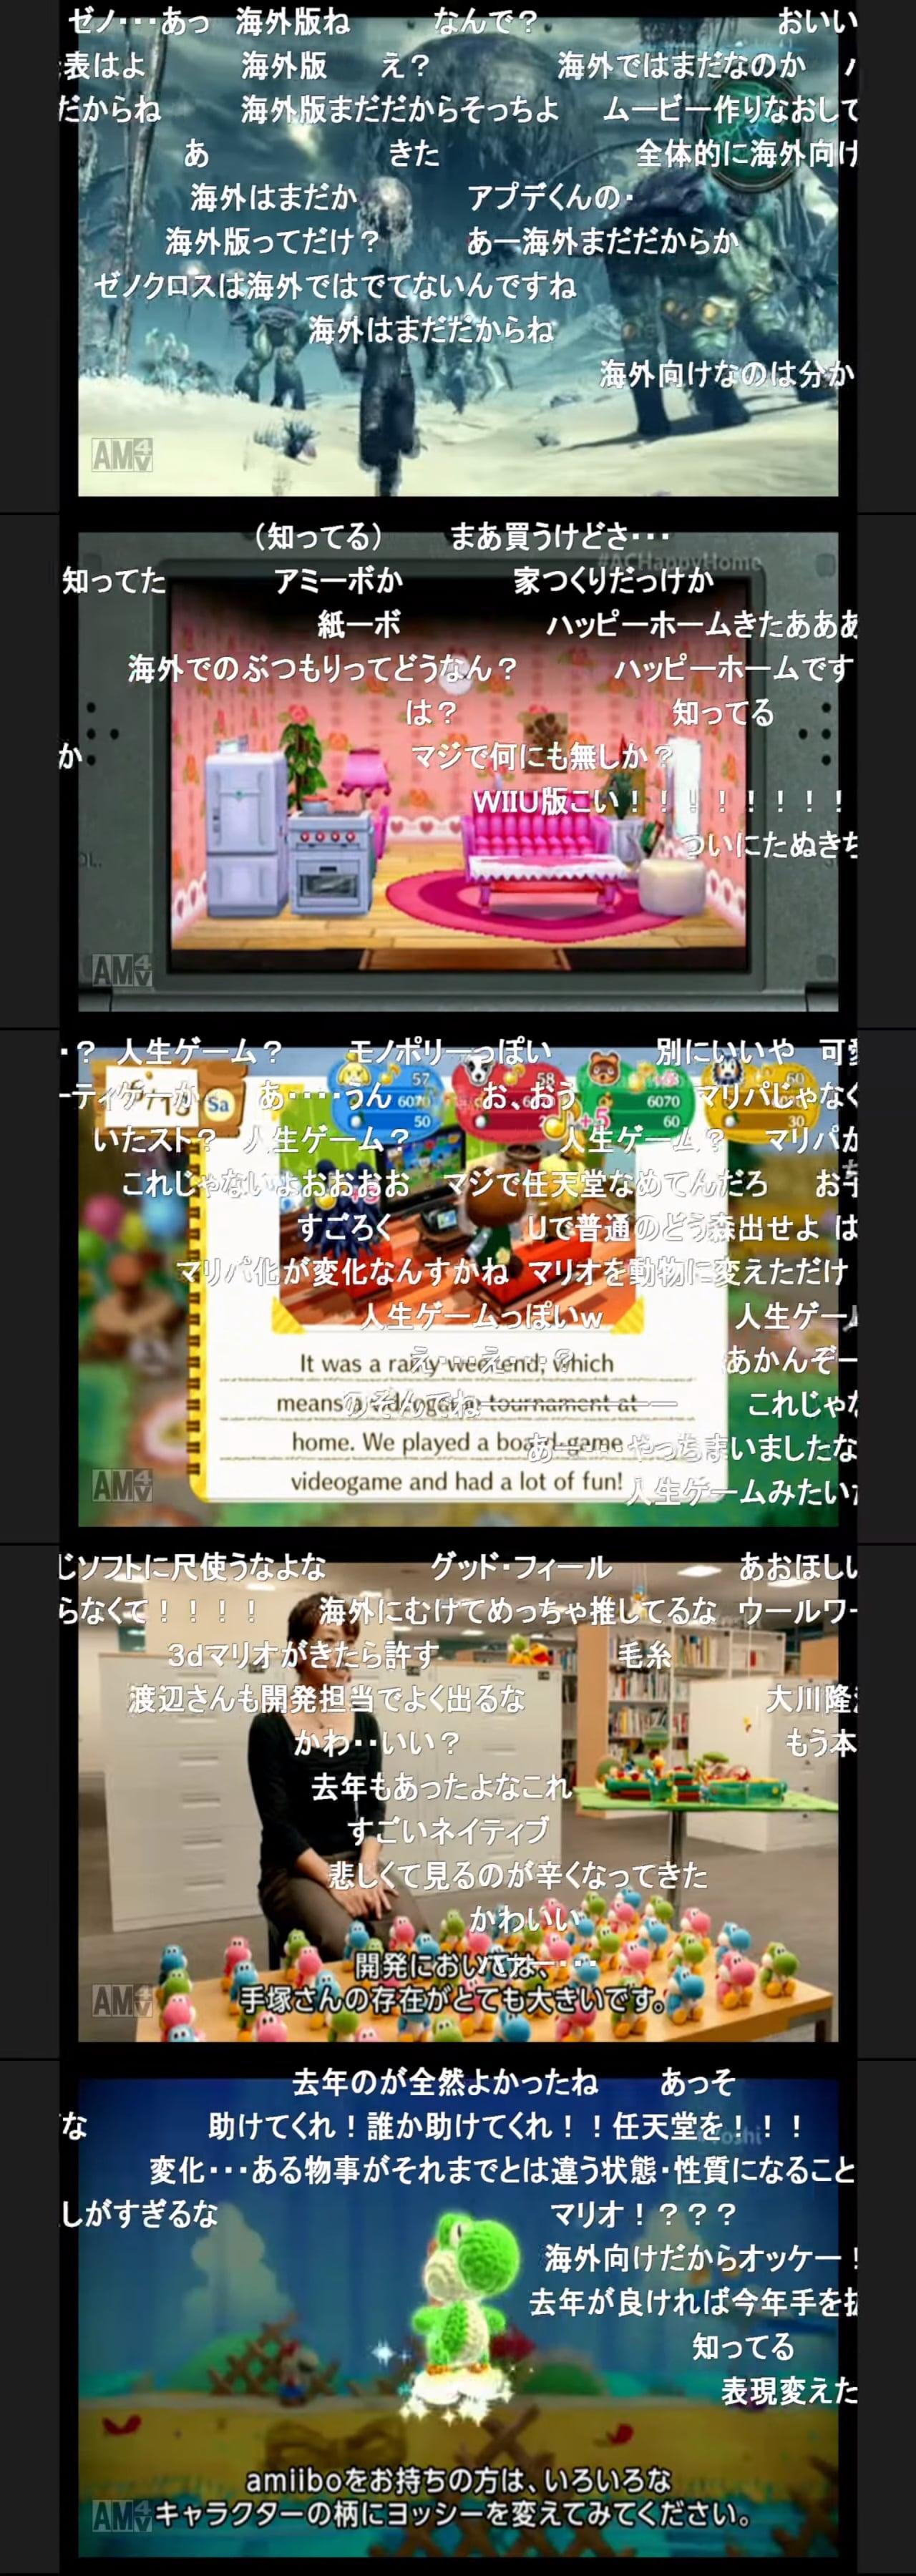 livejupiter_1497254579_12603-min.jpg